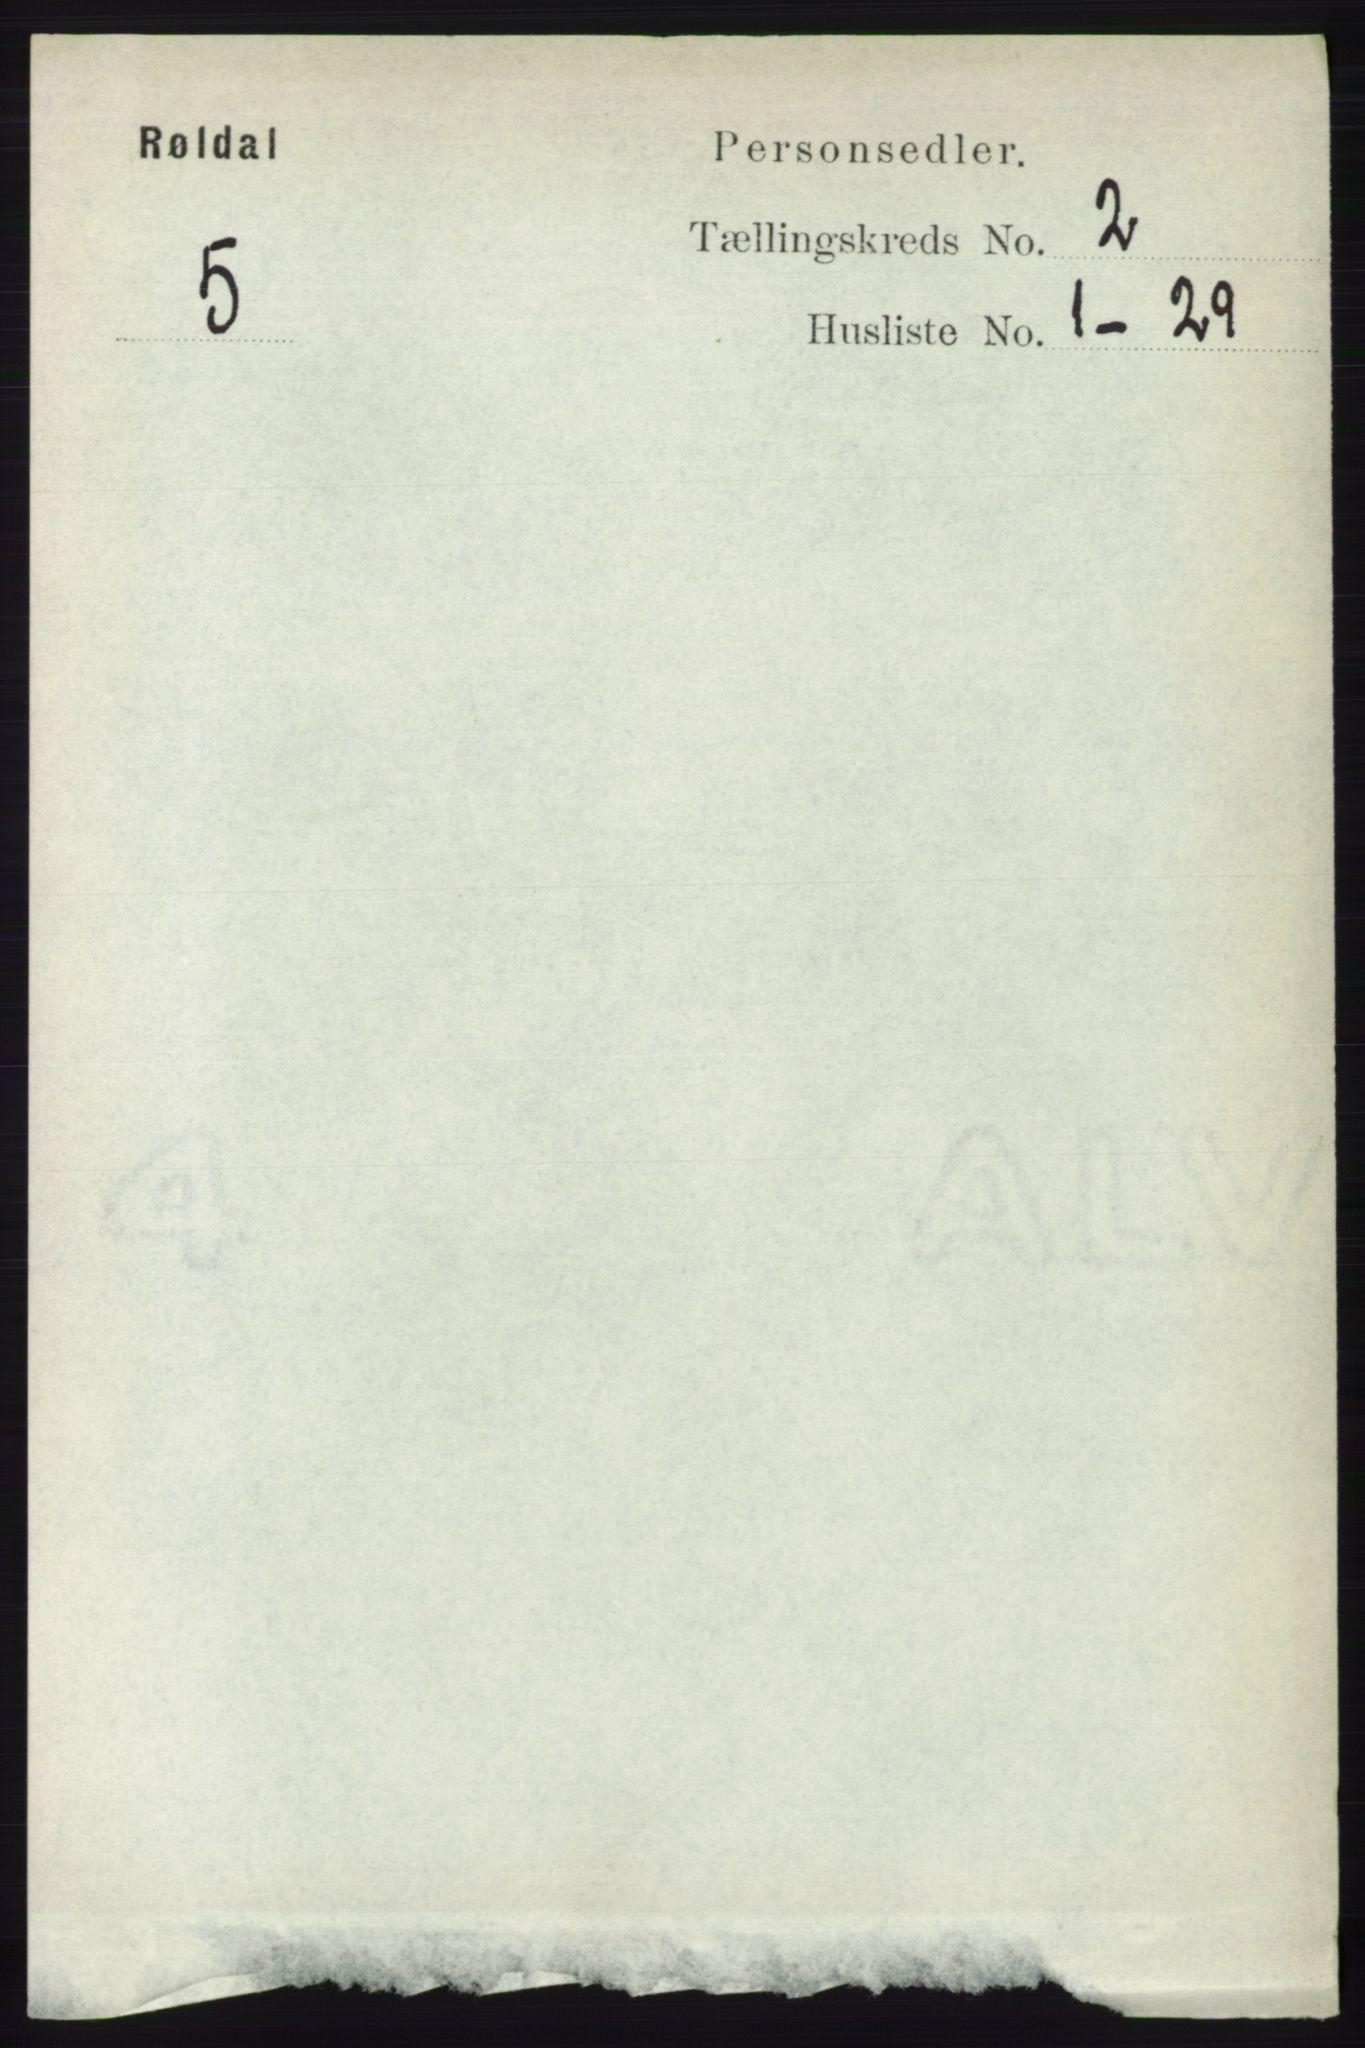 RA, Folketelling 1891 for 1229 Røldal herred, 1891, s. 529